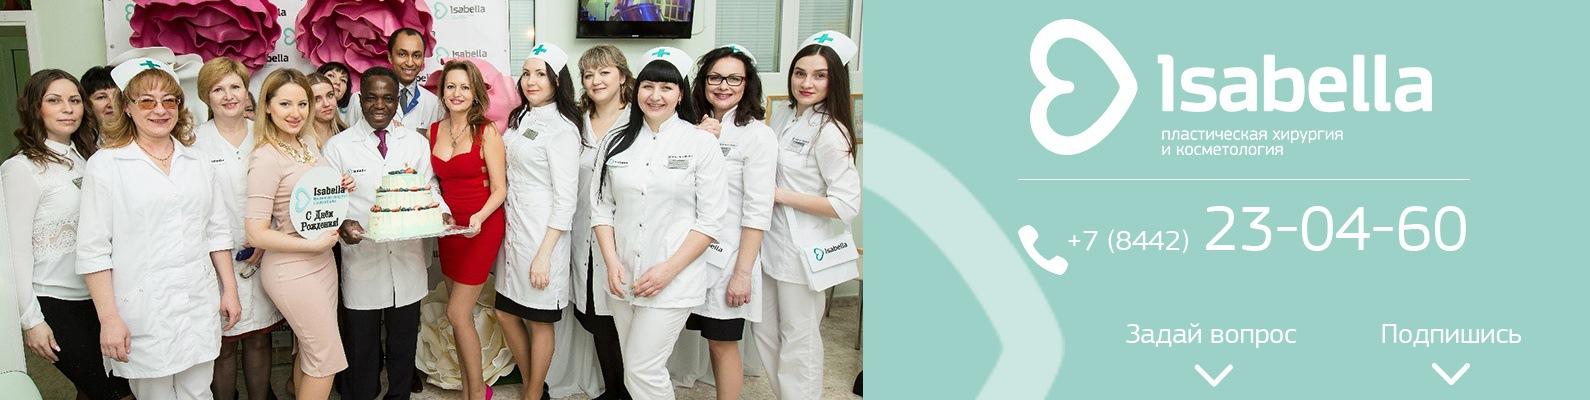 Центр косметологии и пластической хирургии брест